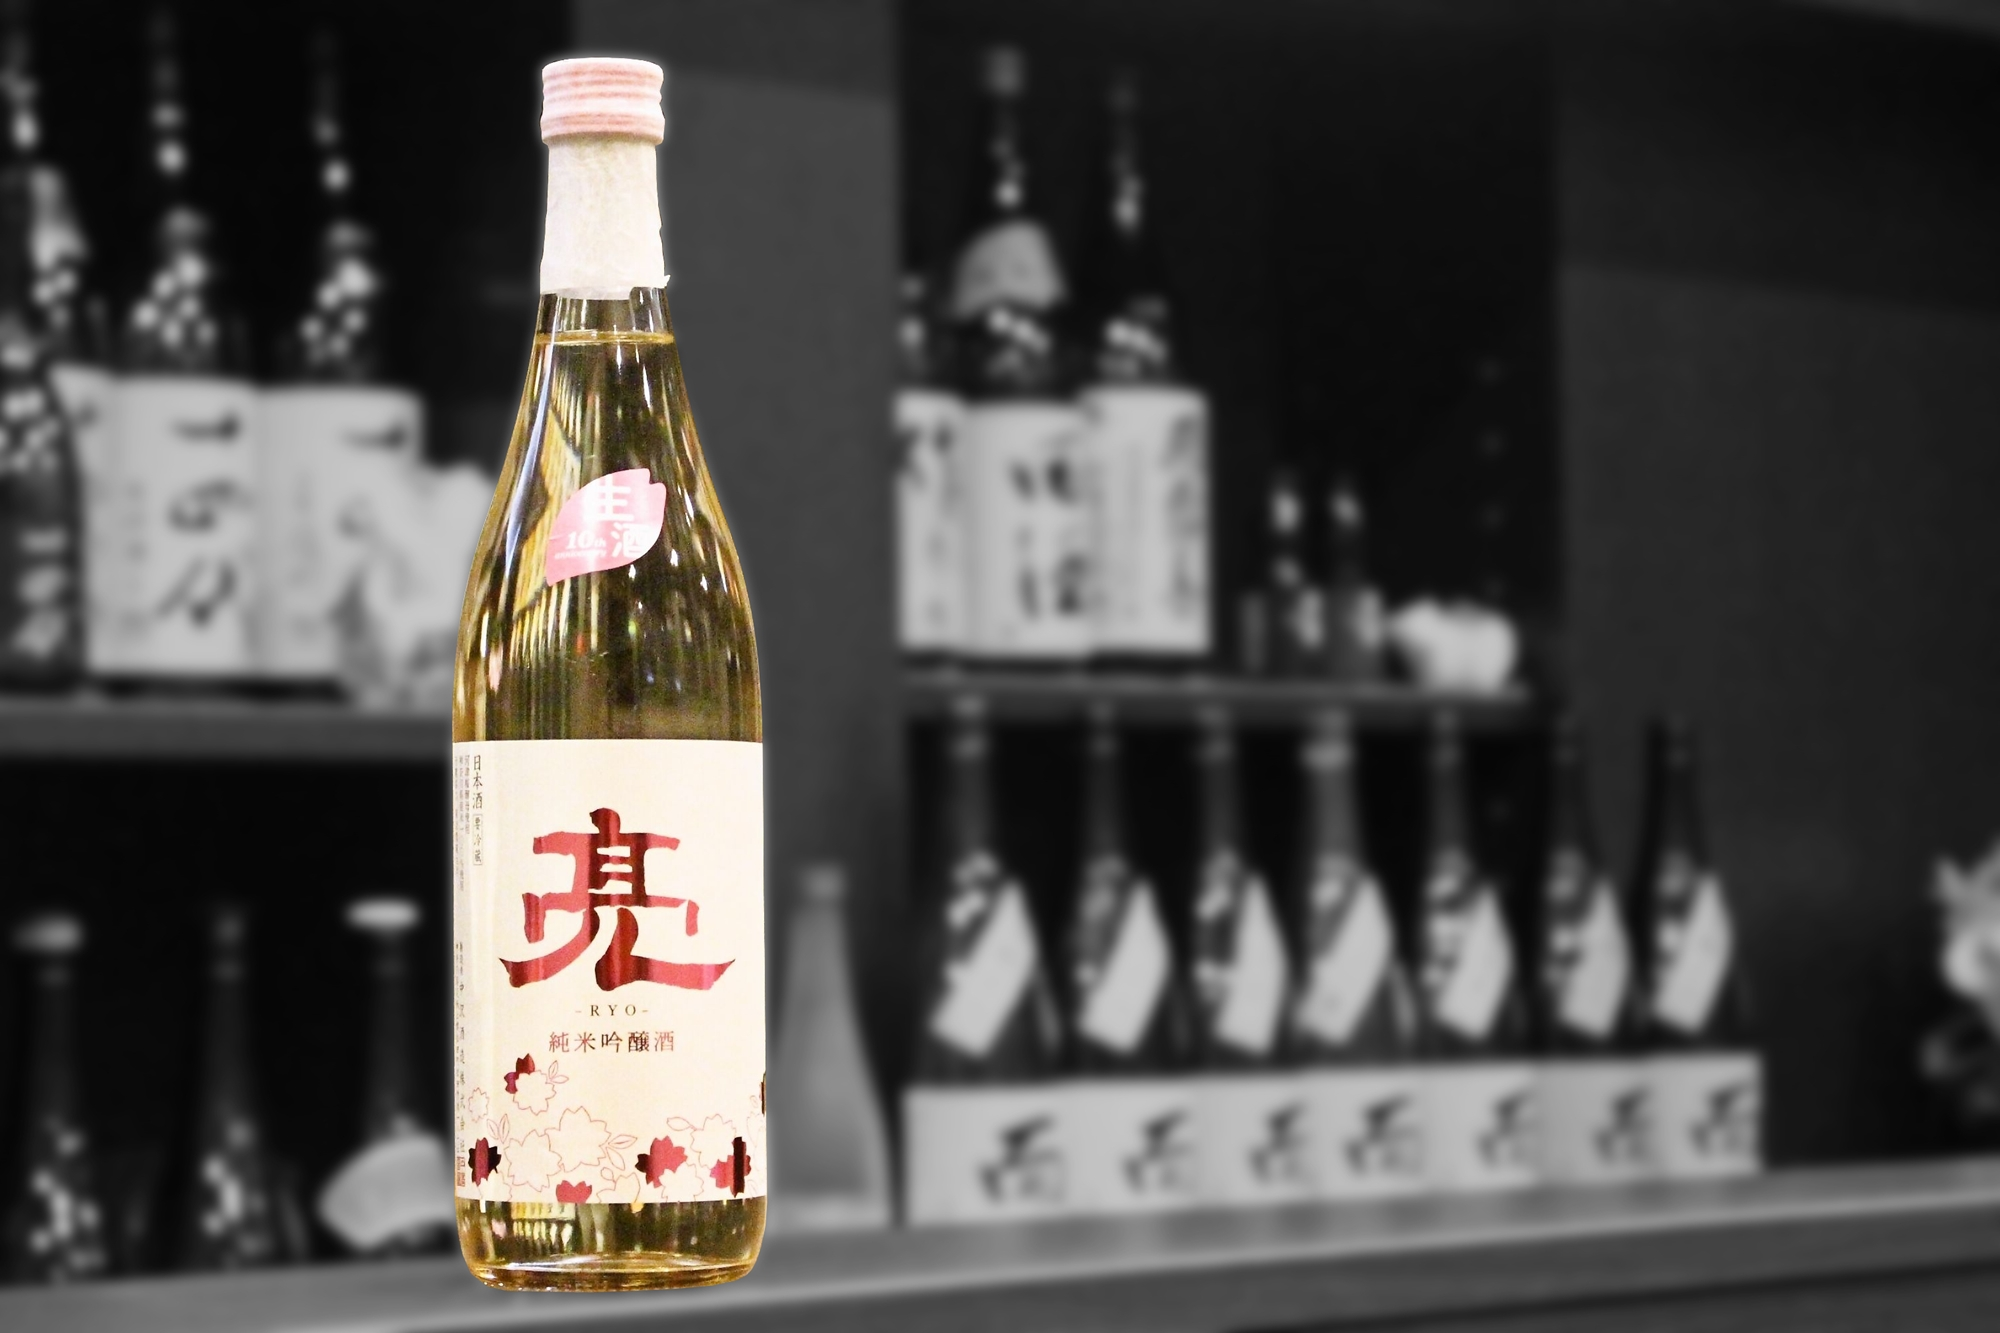 松みどり亮純米吟醸河津桜酵母仕込生酒202102-001